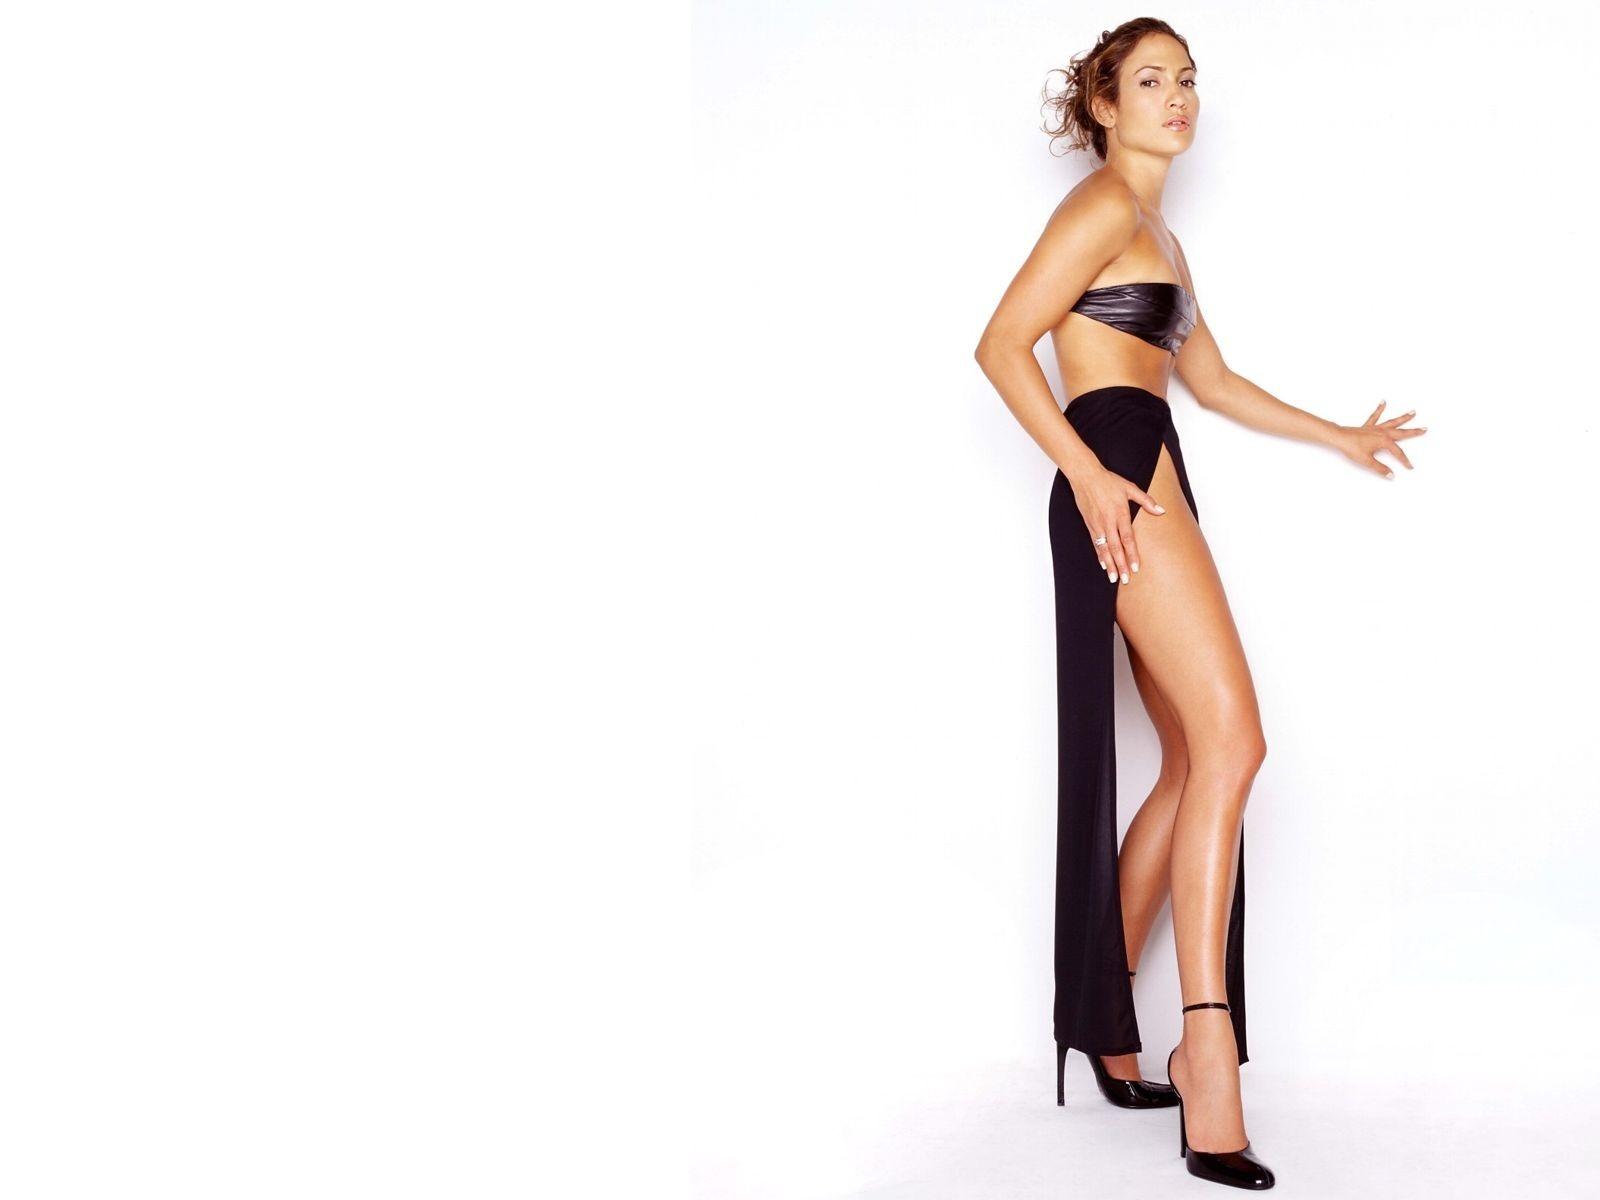 Wallpaper di Jennifer Lopez in abito sexy